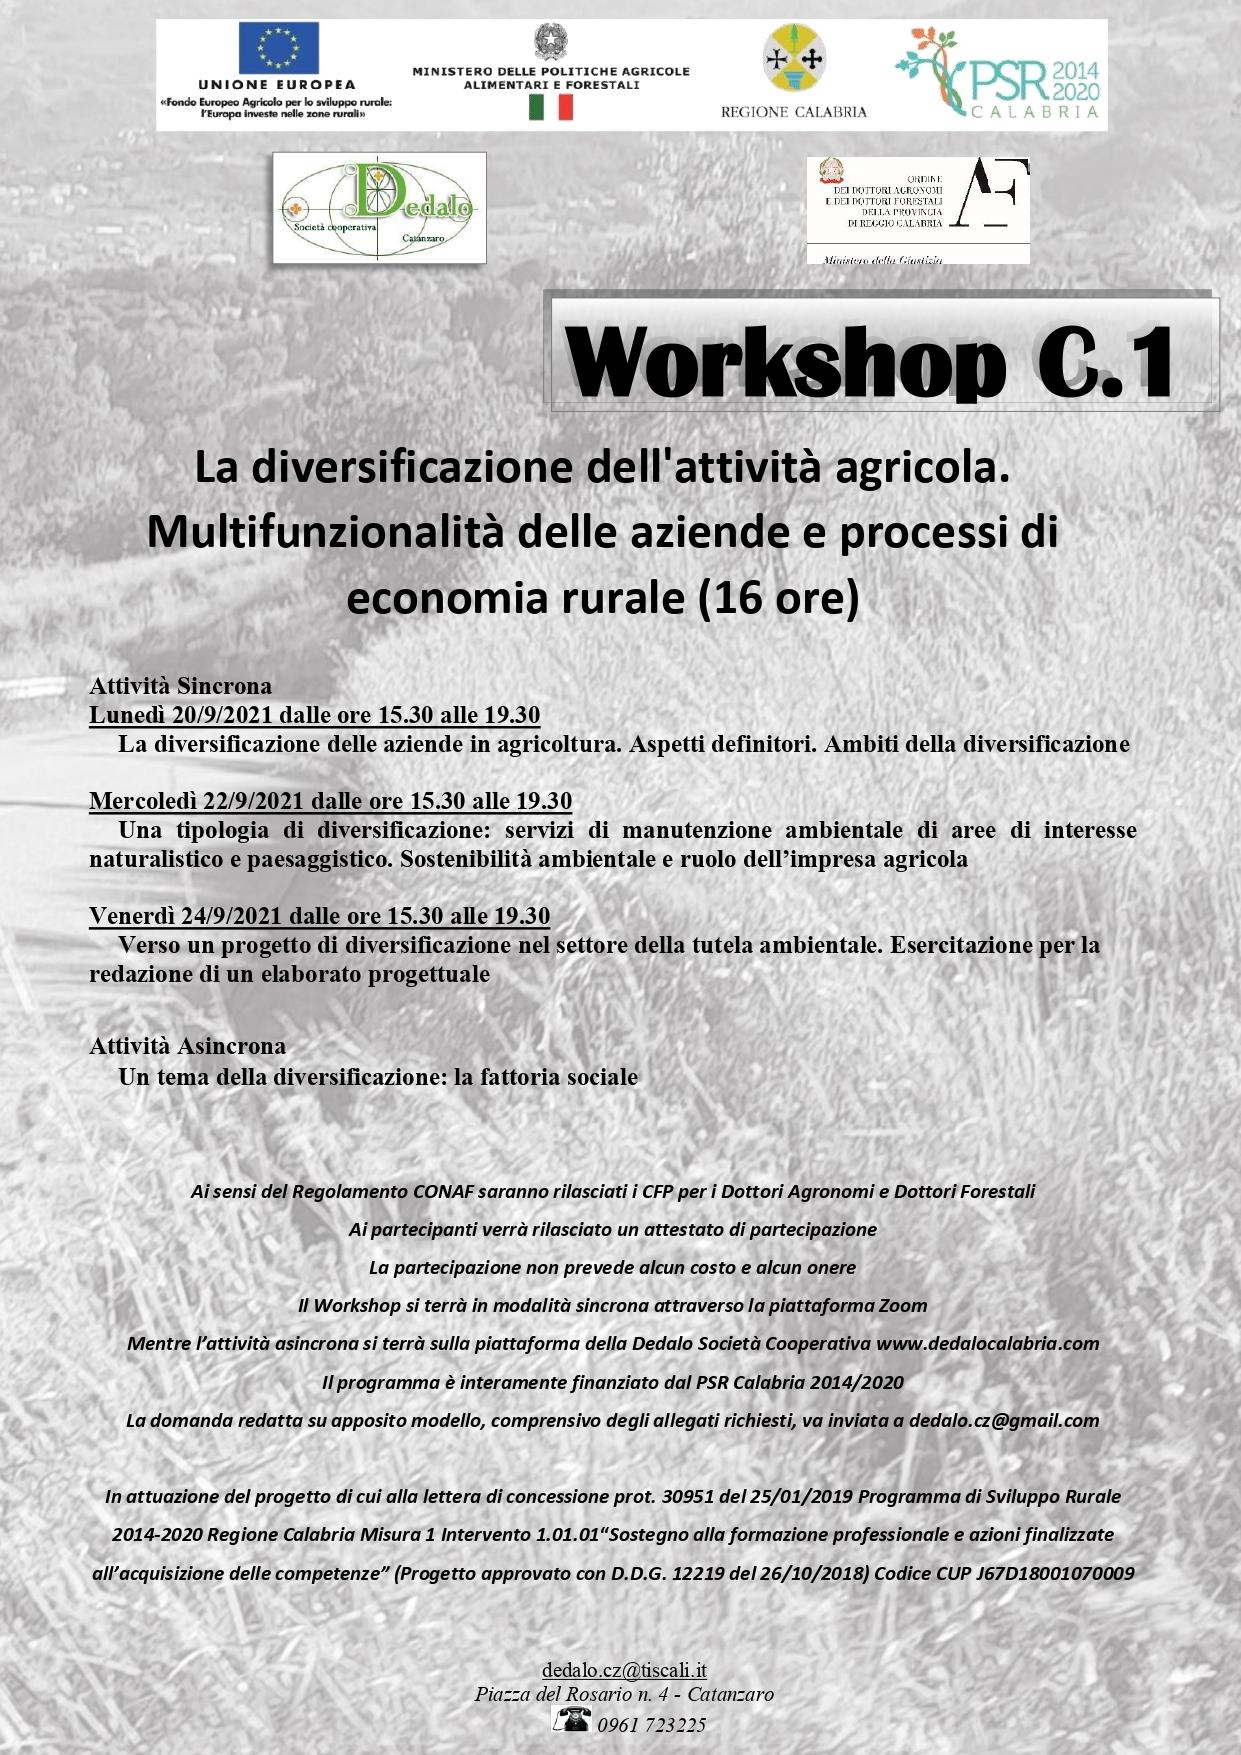 WORKSHOP C.1 La diversificazione dell'attività Agricola. Multifunzionalità delle aziende e processi di economia rurale (16 ore)